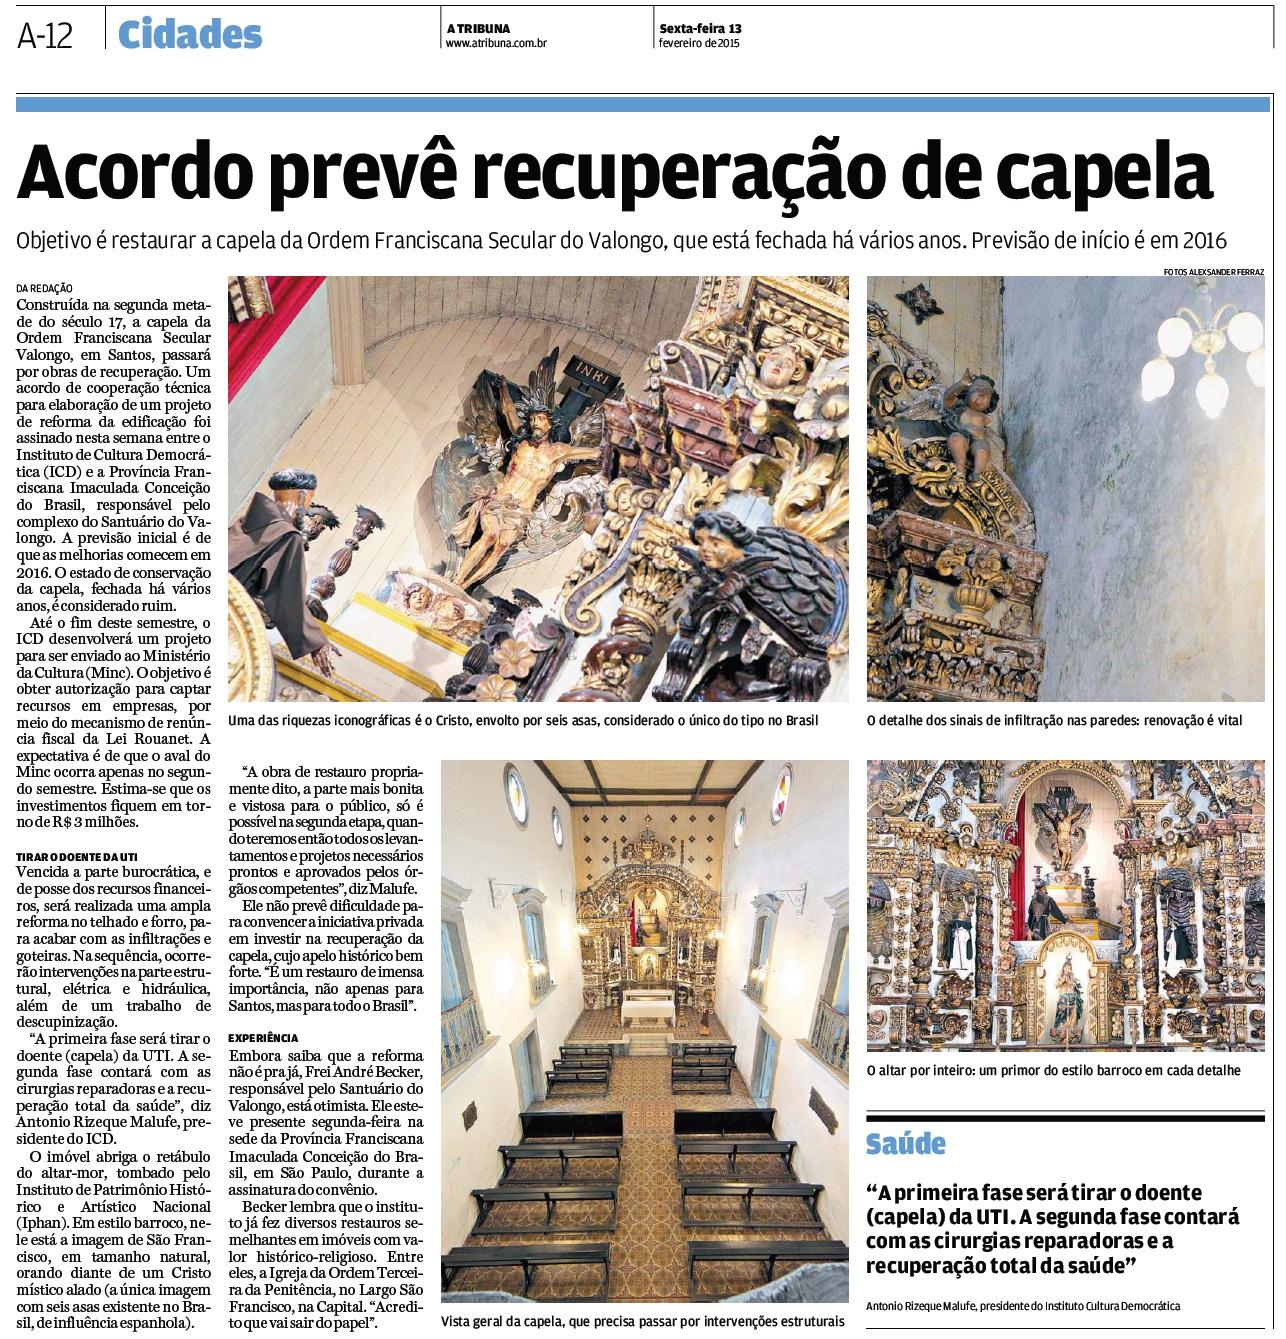 A Tribuna (Santos) - 13.02.2015